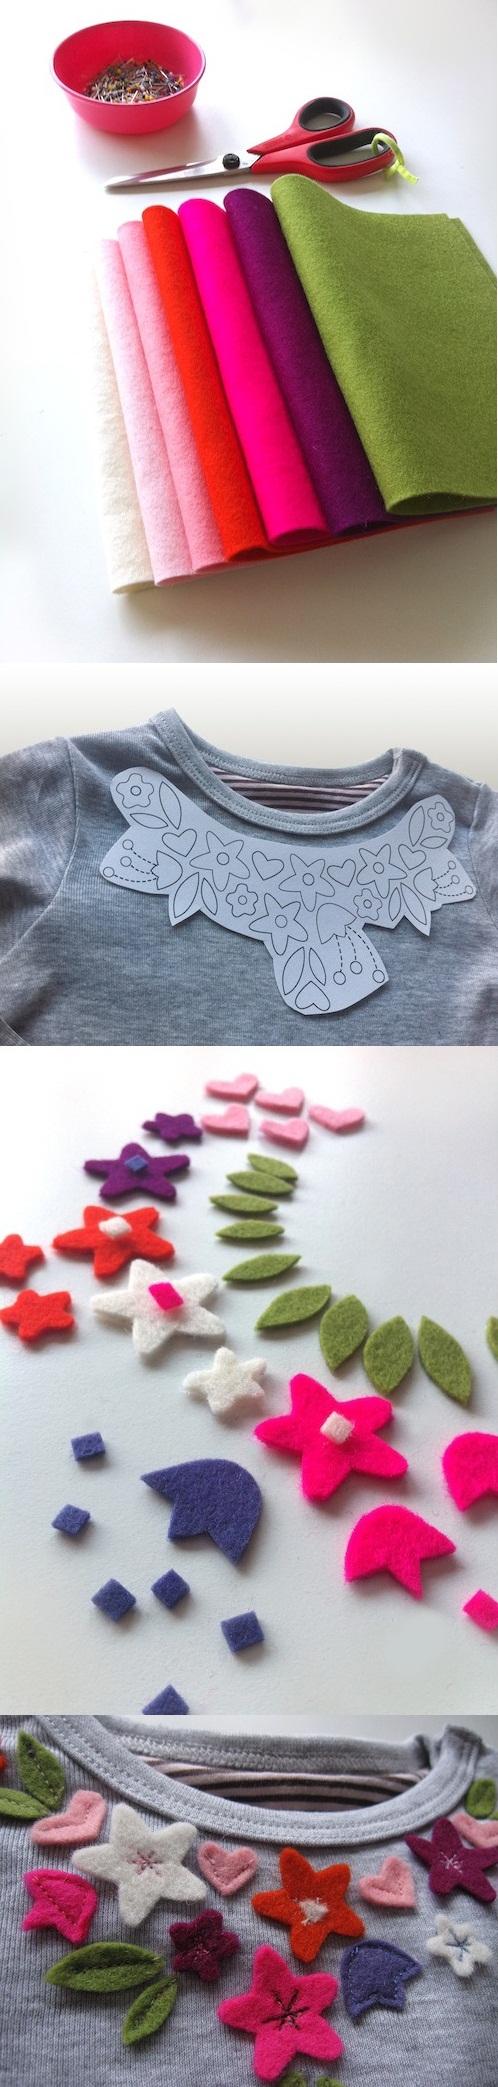 تزئین زیبای بلوز ساده با گلهای نمدی (فوتری)